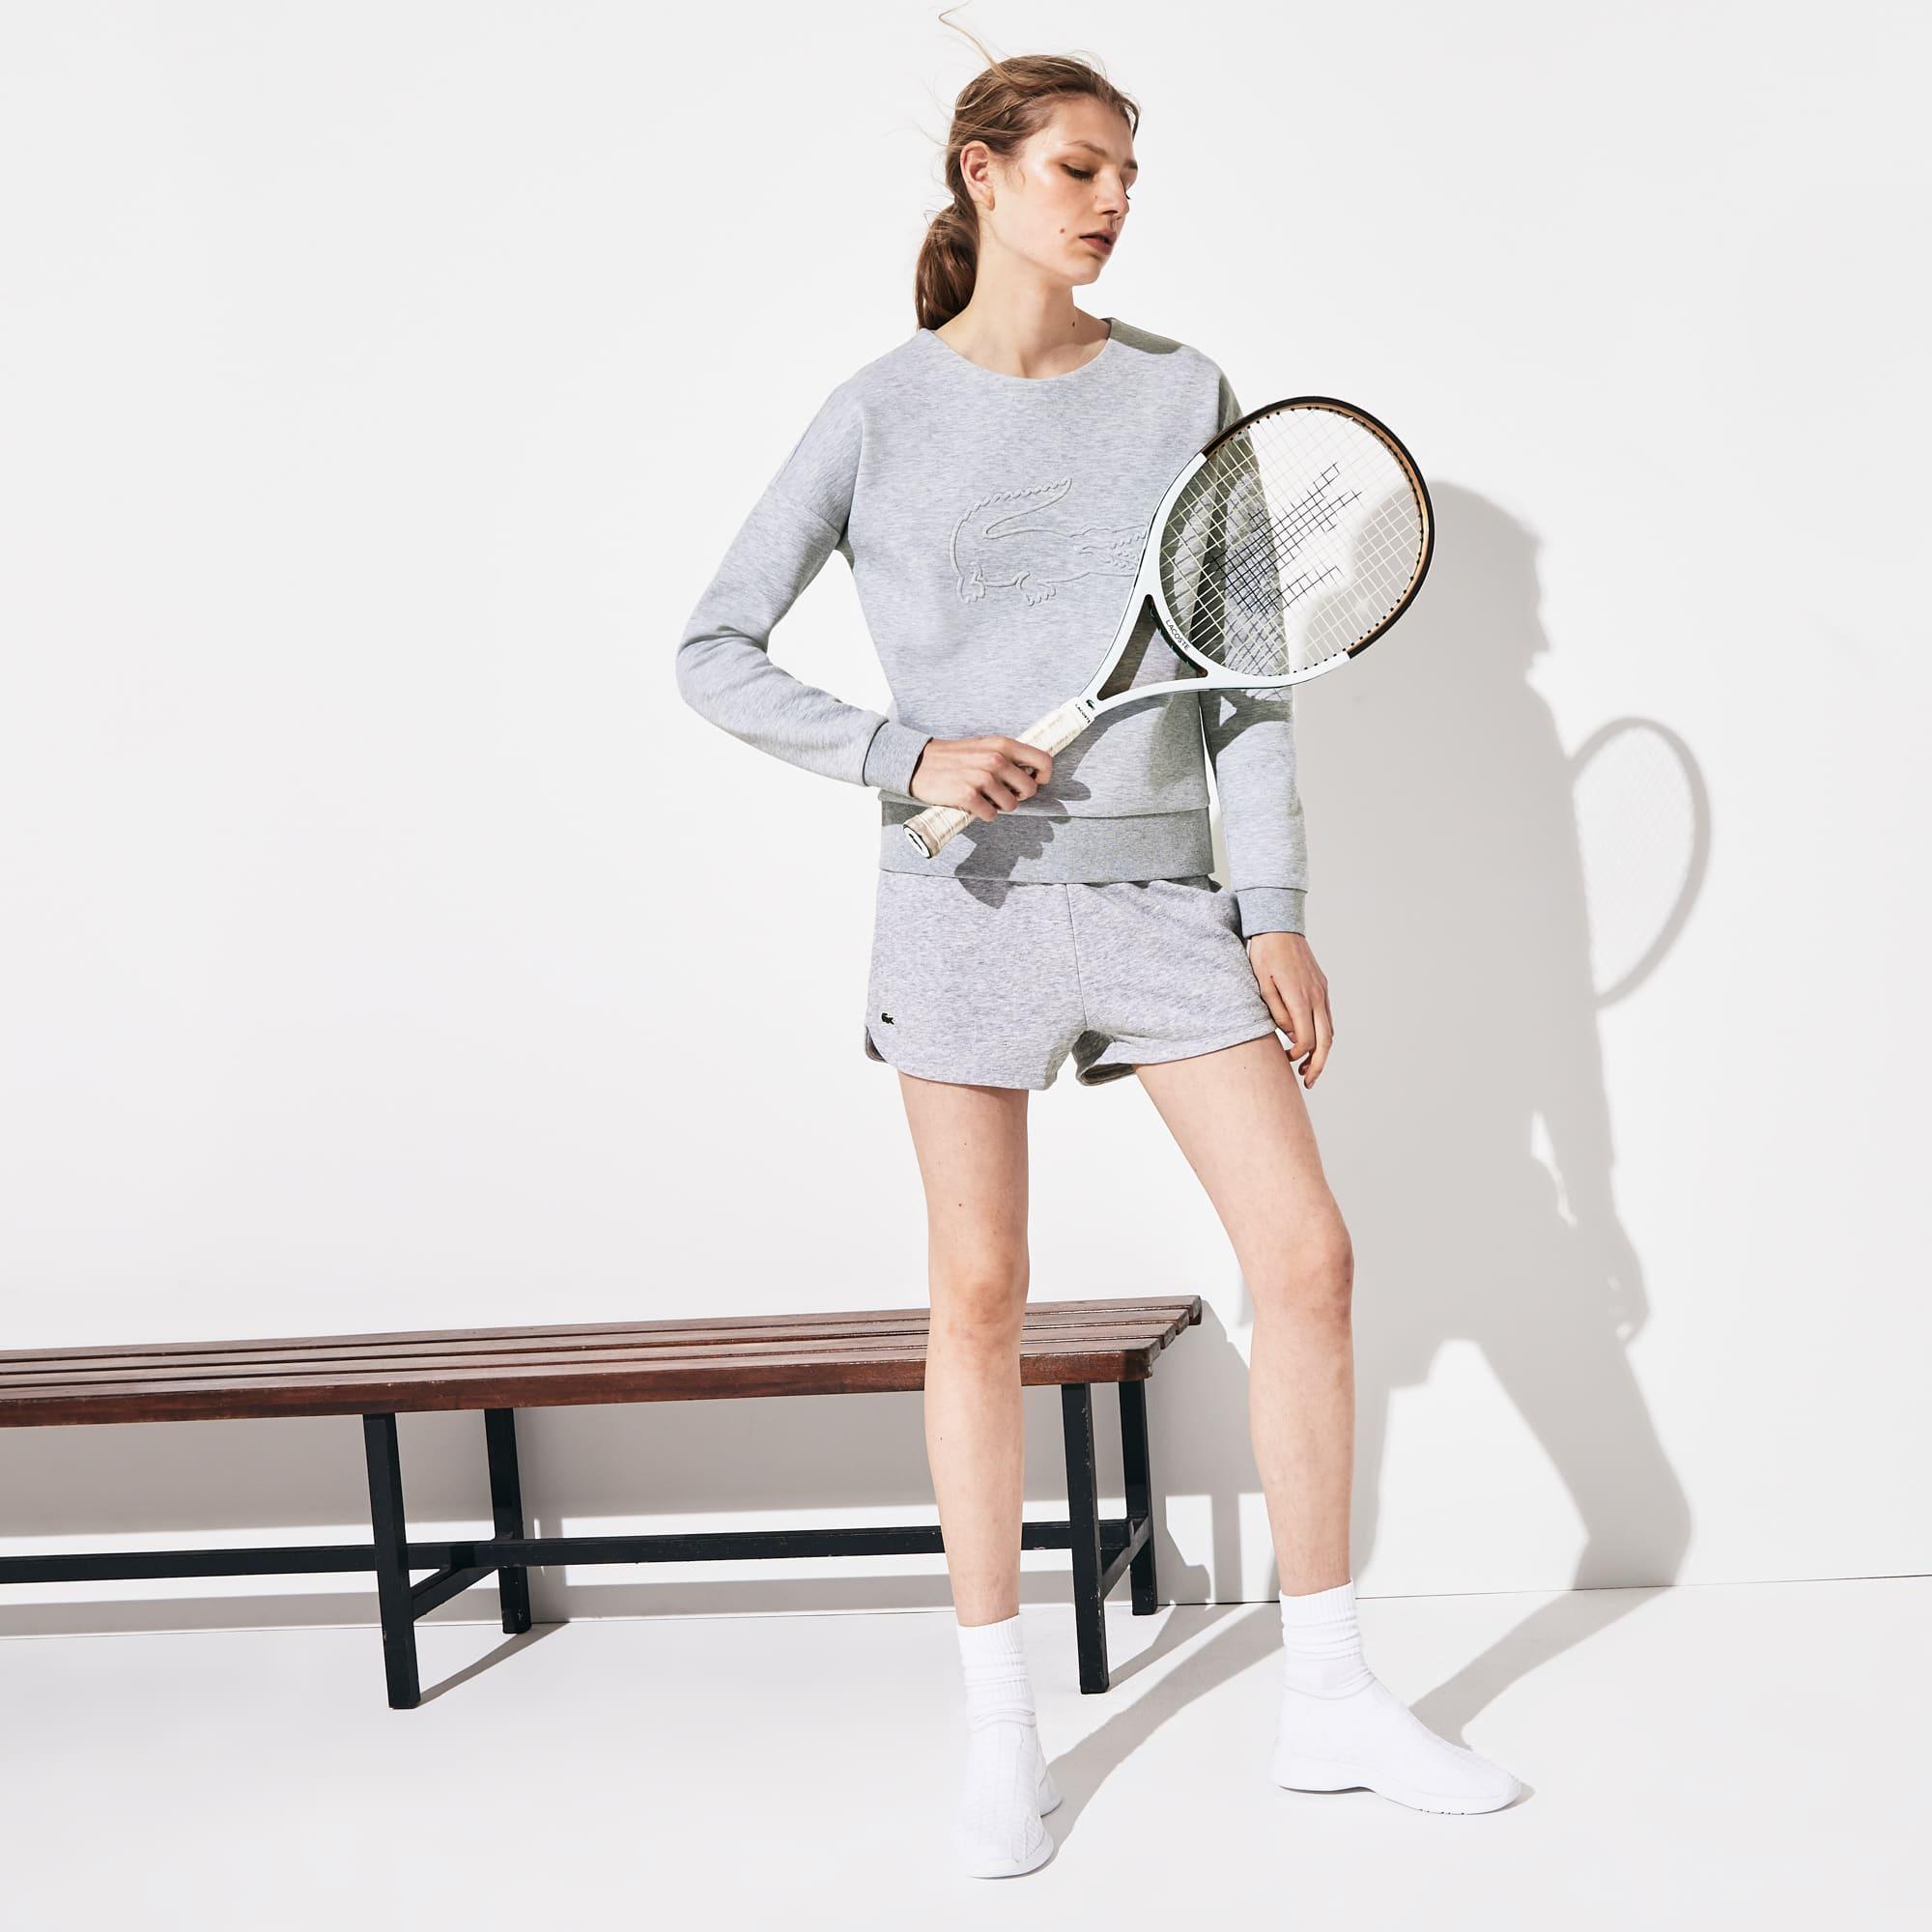 Calções Tennis Lacoste SPORT em moletão unicolor